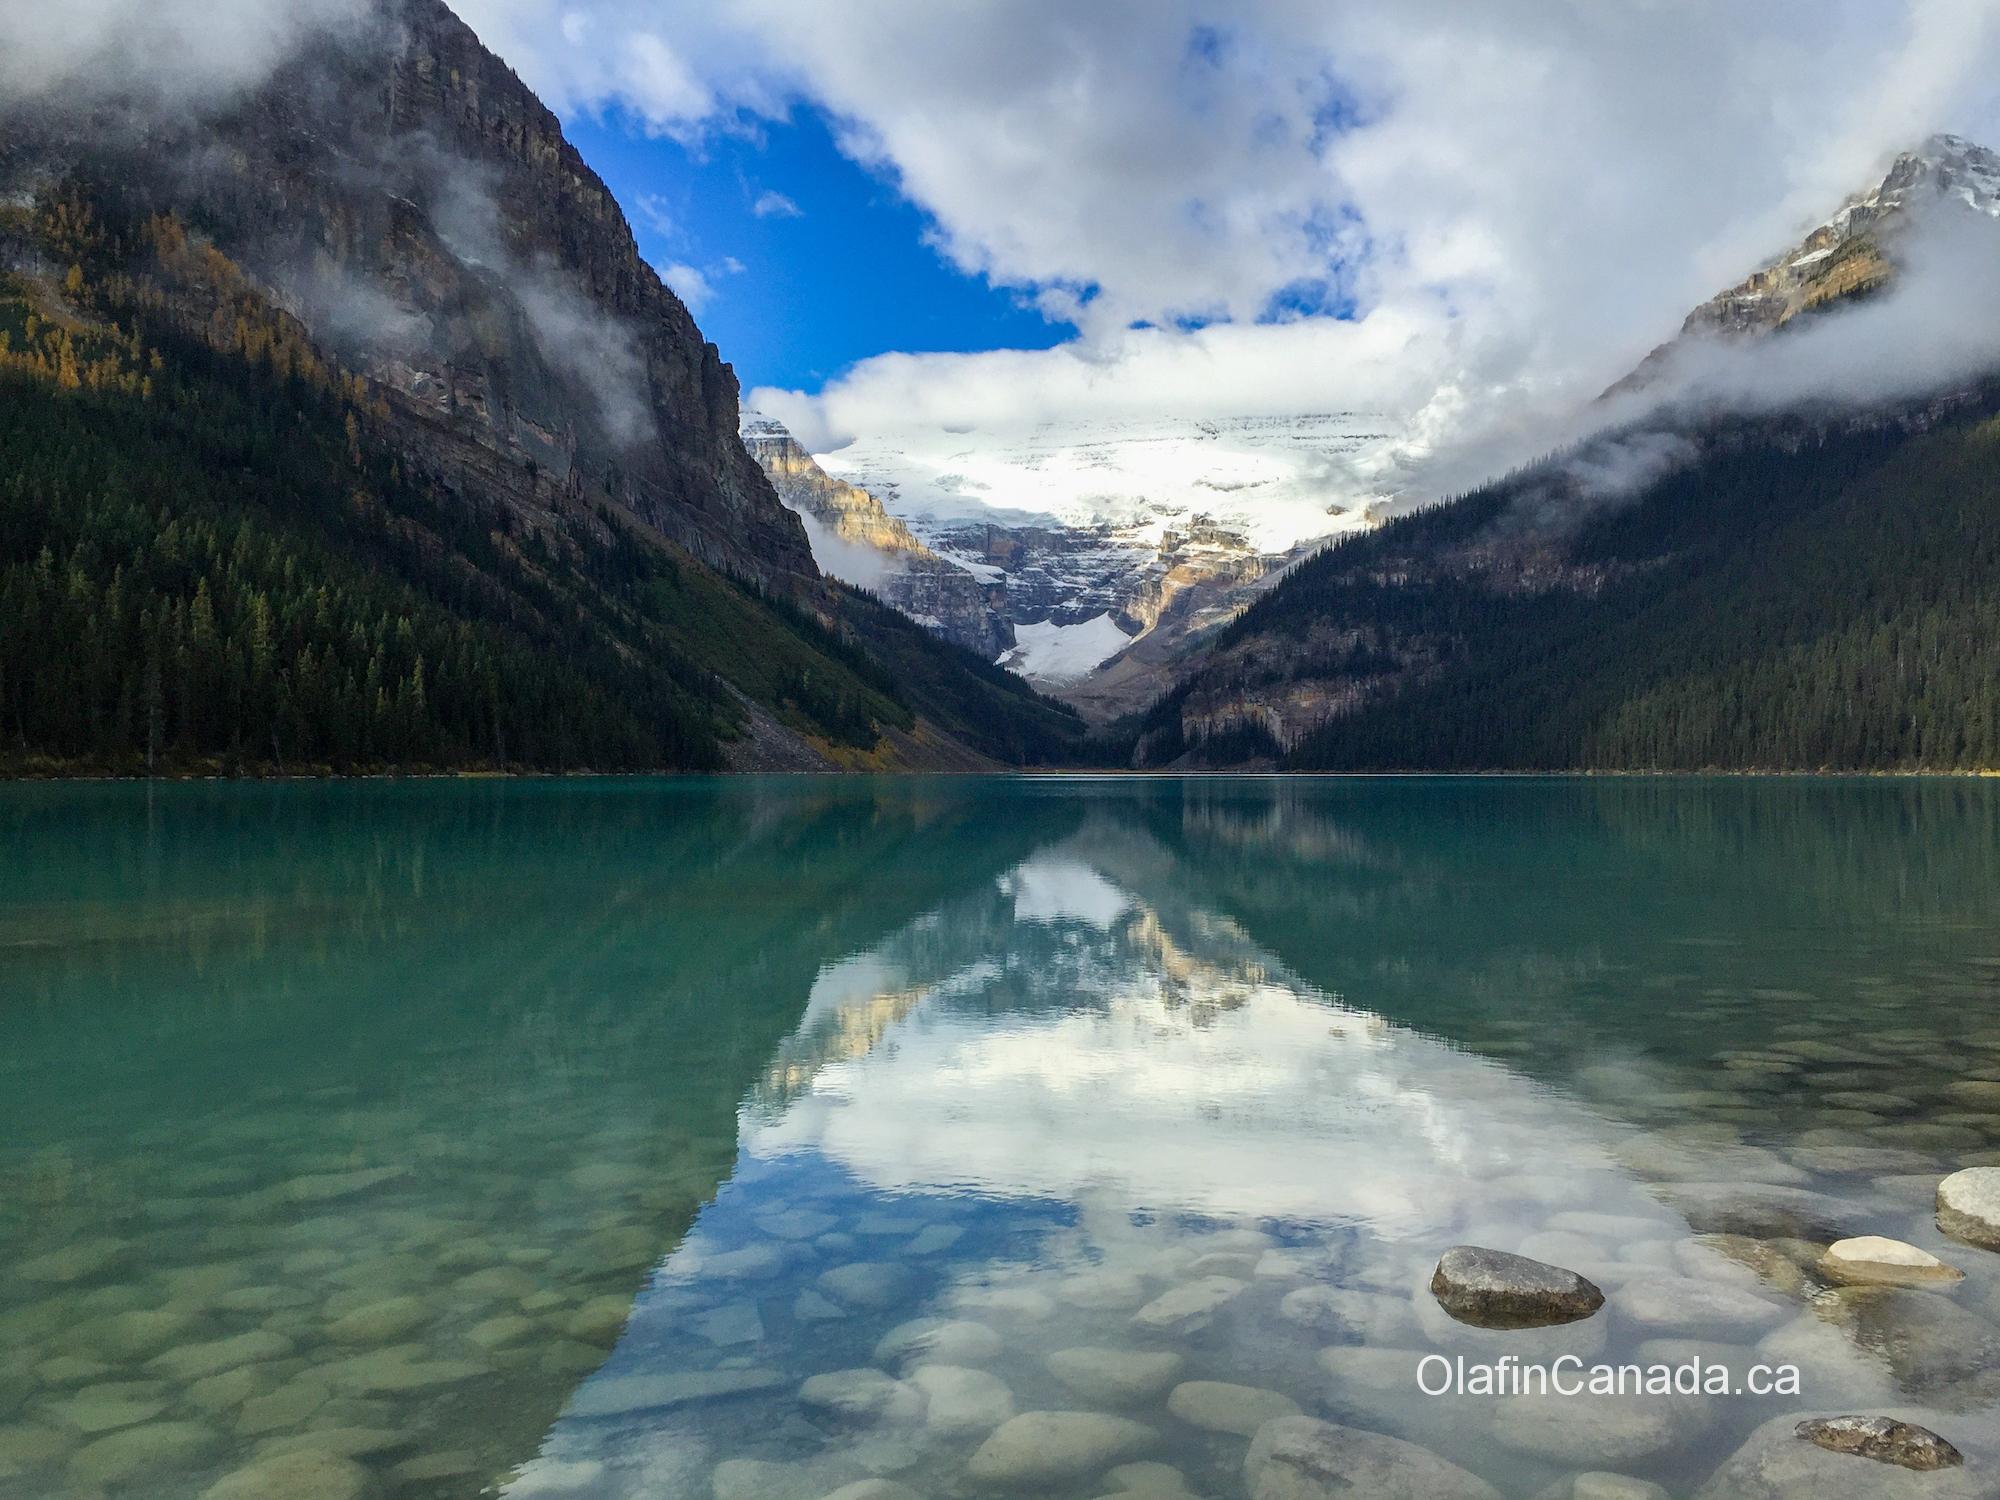 Lake Louise in the Rockies, Alberta #olafincanada #alberta #rockies #lakelouise